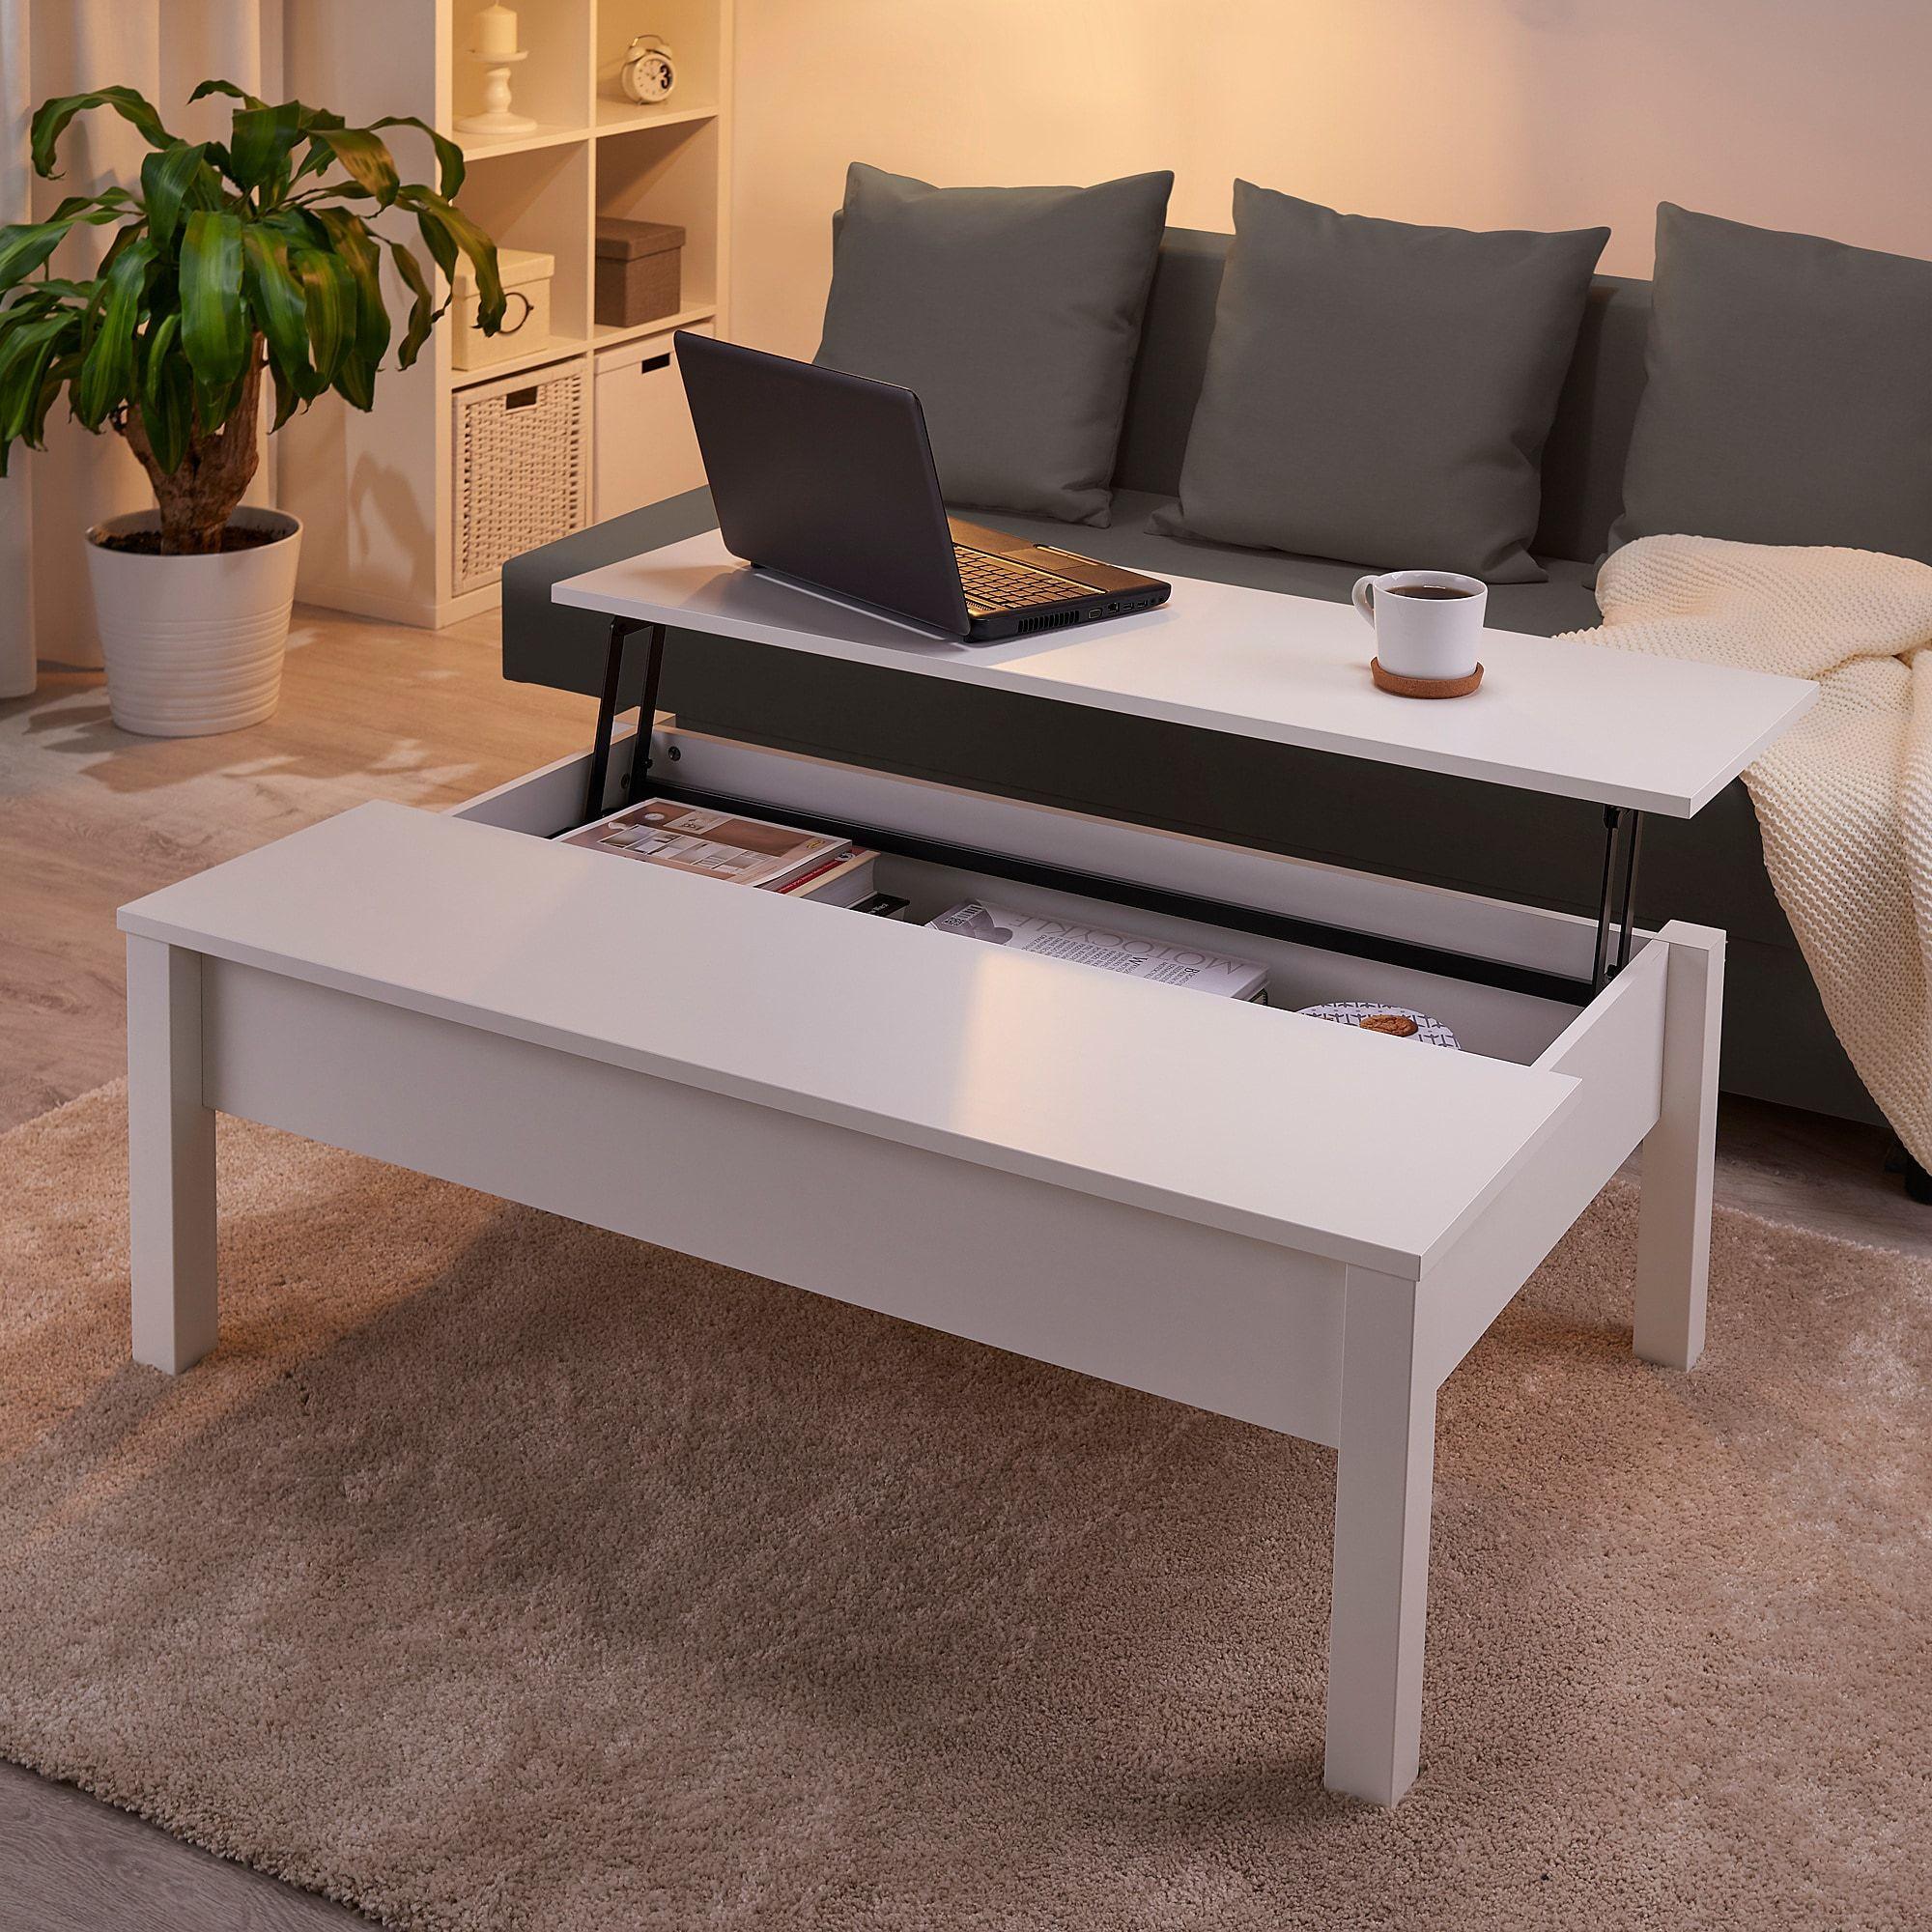 Ikea Trulstorp Black Brown Coffee Table In 2020 Ikea Coffee